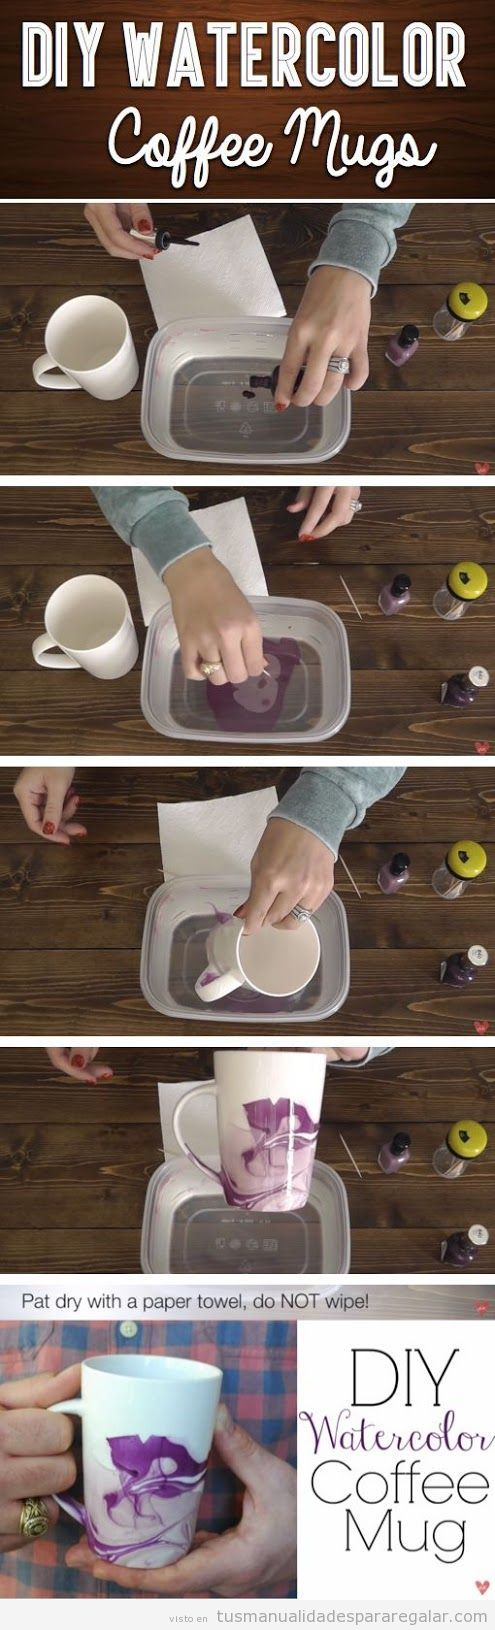 Tutorial decorar taza café efecto acuarela DIY